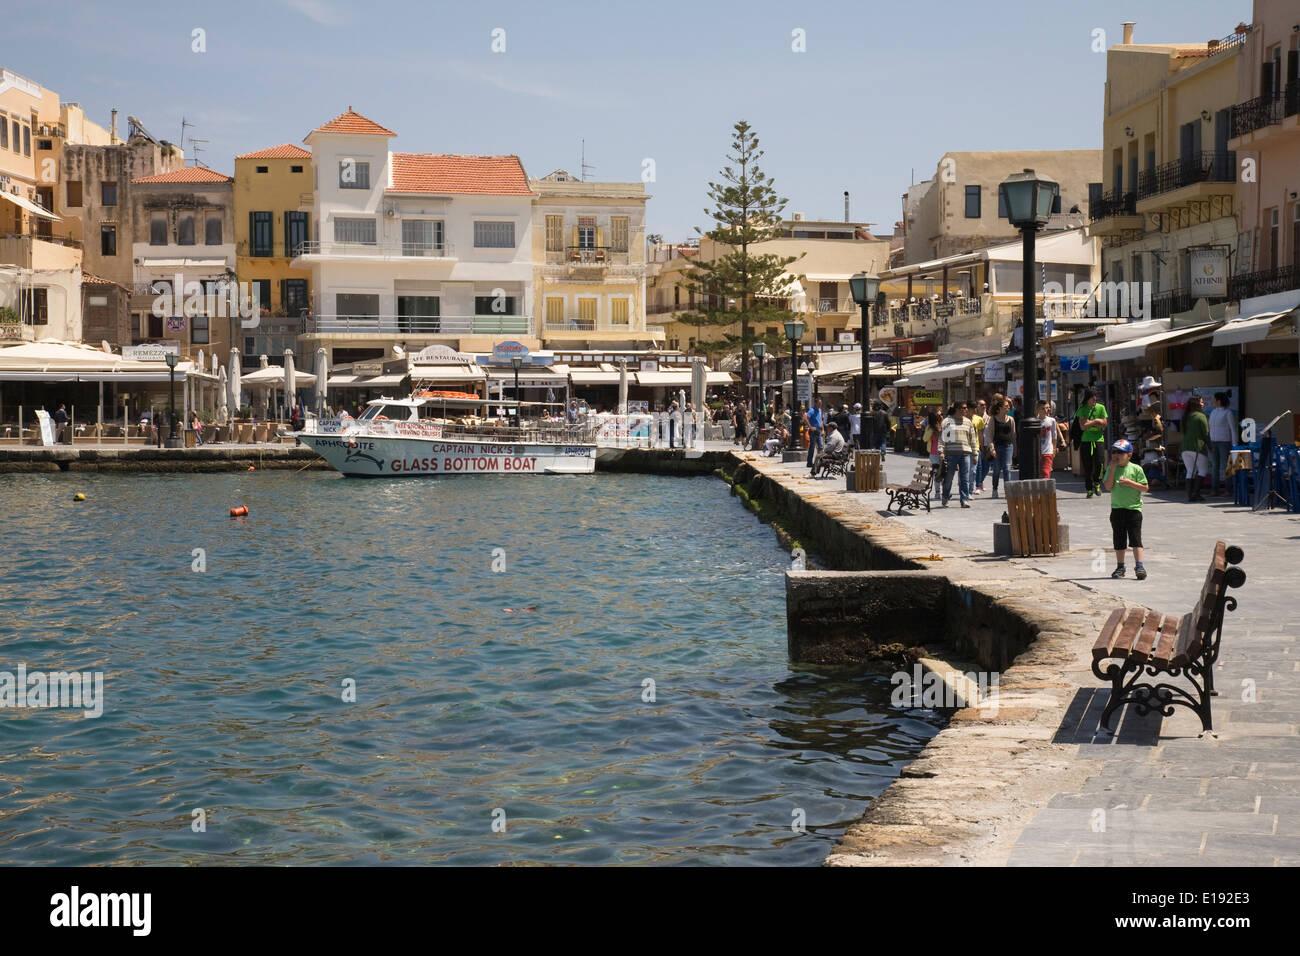 Le port de La Canée, Crète, Grèce. Banque D'Images